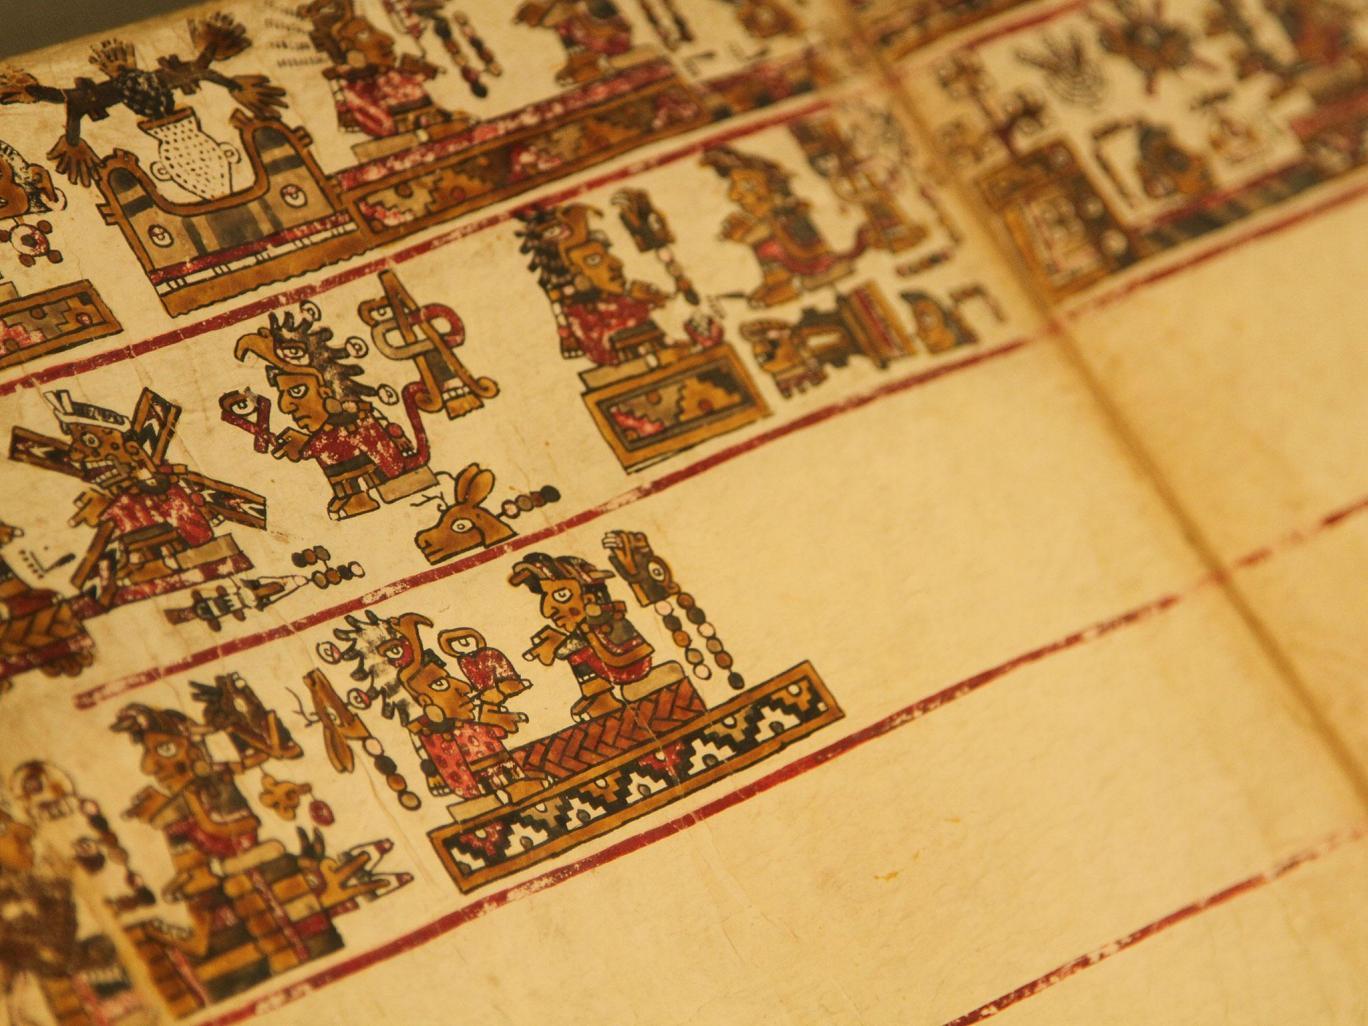 Phát hiện hình vẽ kỳ bí trong sách cổ 500 tuổi - 3